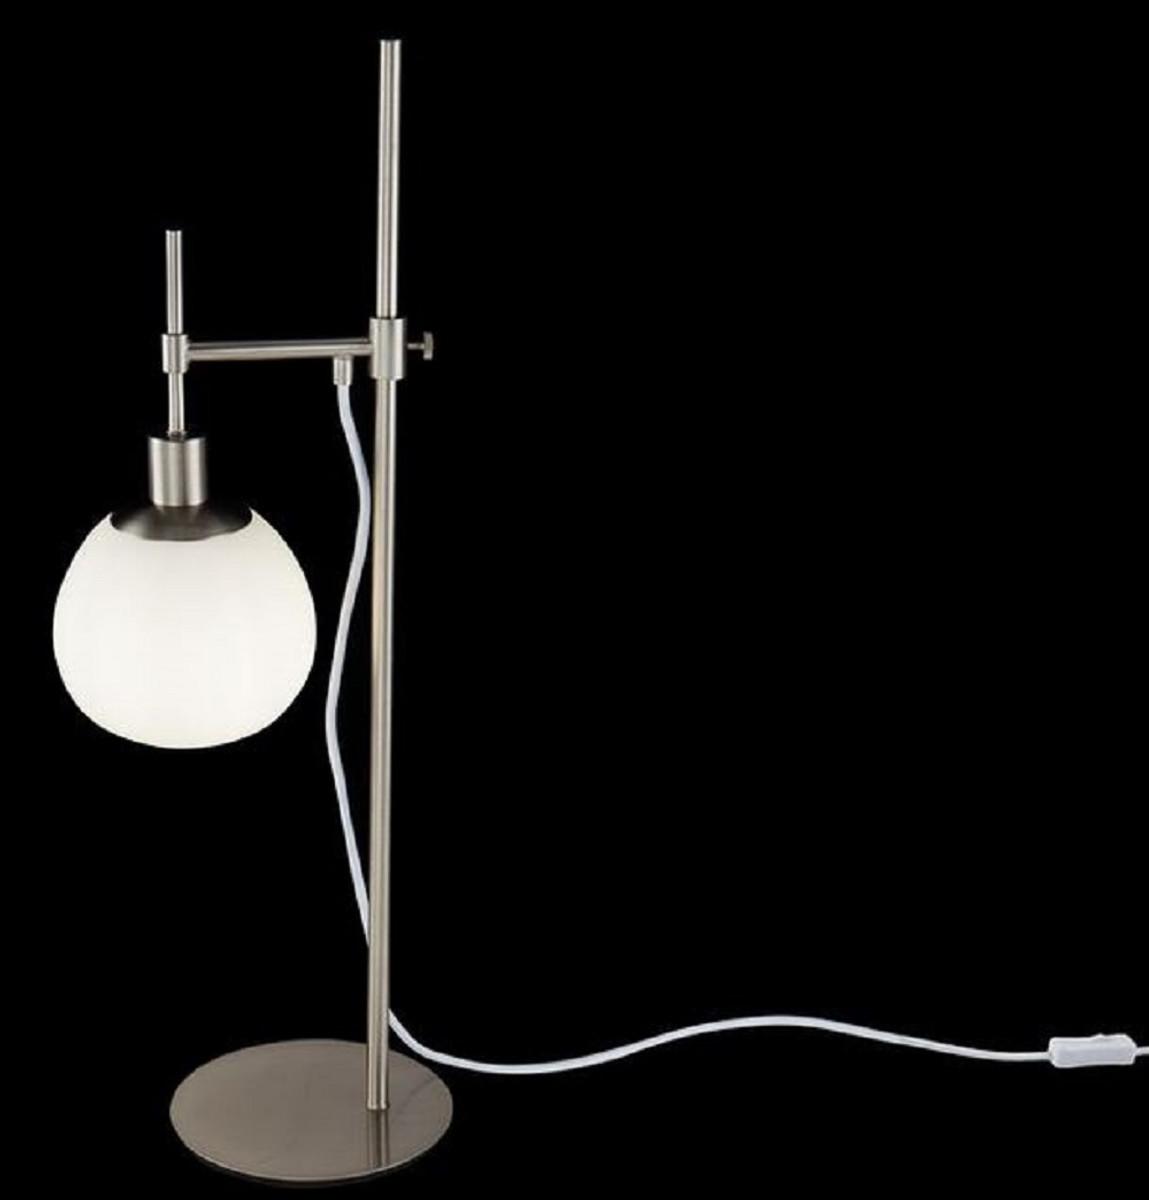 Casa Padrino Lampada Da Tavolo Argento Bianco 17 X H 65 Cm Lampada Da Tavolo Regolabile In Altezza Con Paralume Rotondo In Vetro Smerigliato Casa Padrino De